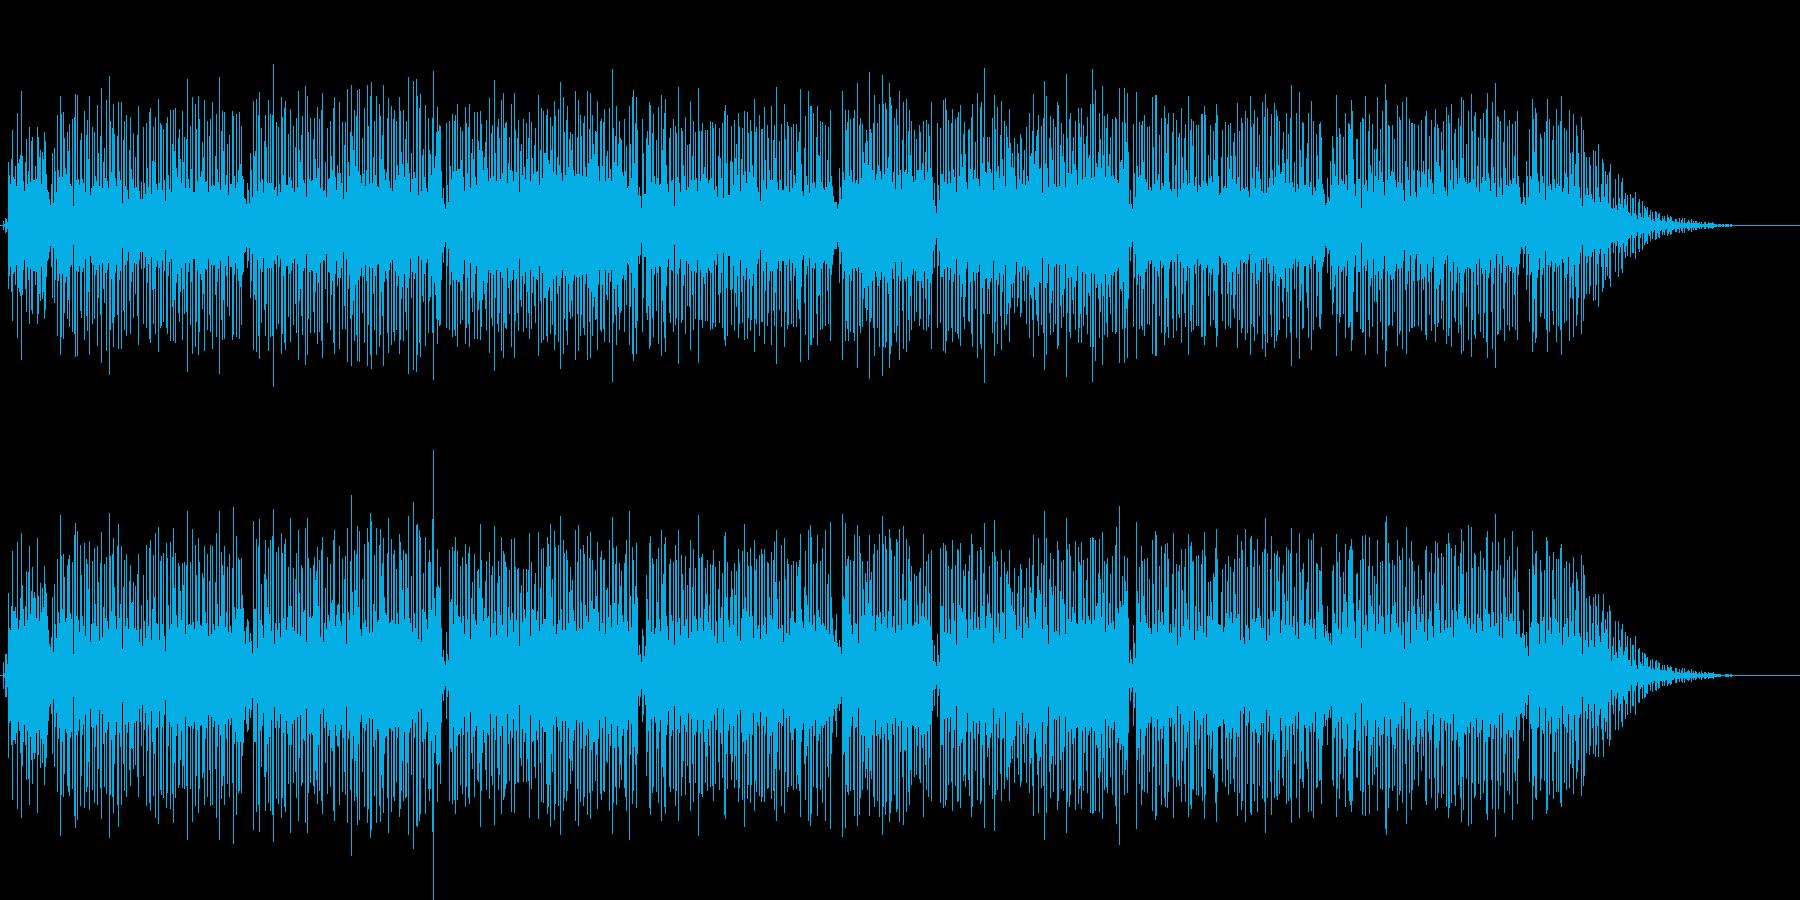 明るいニューミュージックの再生済みの波形